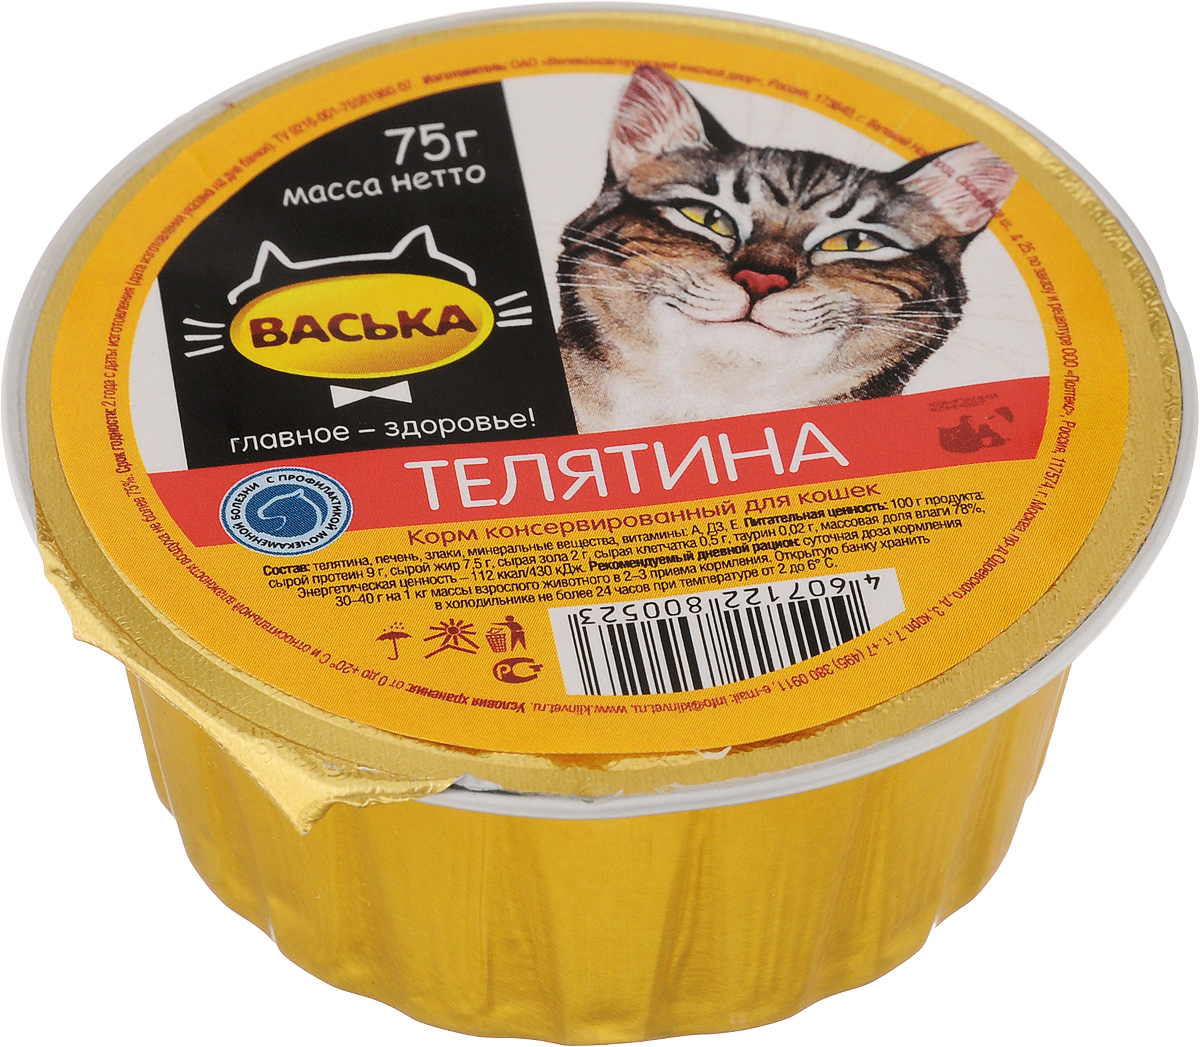 Консервы для кошек Васька, для профилактики мочекаменных болезней, телятина, 75 г0523Консервированный корм Васька - это сбалансированное и полнорационное питание, которое обеспечит вашего питомца необходимыми белками, жирами, витаминами и микроэлементами. Нежный паштет порадует кошек любых возрастов и вкусовых предпочтений. Высокий процент содержания влаги в продукте является отличной профилактикой возникновения мочекаменной болезни. Нежное мясо молодого теленка отличается пониженной жирностью, а входящие в состав витамины, незаменимые аминокислоты - таурин и микроэлементы позволят вашему питомцу быть здоровым и жизнерадостным. Корм абсолютно натуральный, не содержит ГМО, ароматизаторов и искусственных красителей. Удобная одноразовая упаковка сохраняет корм свежим и позволяет контролировать порцию потребления.Товар сертифицирован.Чем кормить пожилых кошек: советы ветеринара. Статья OZON Гид